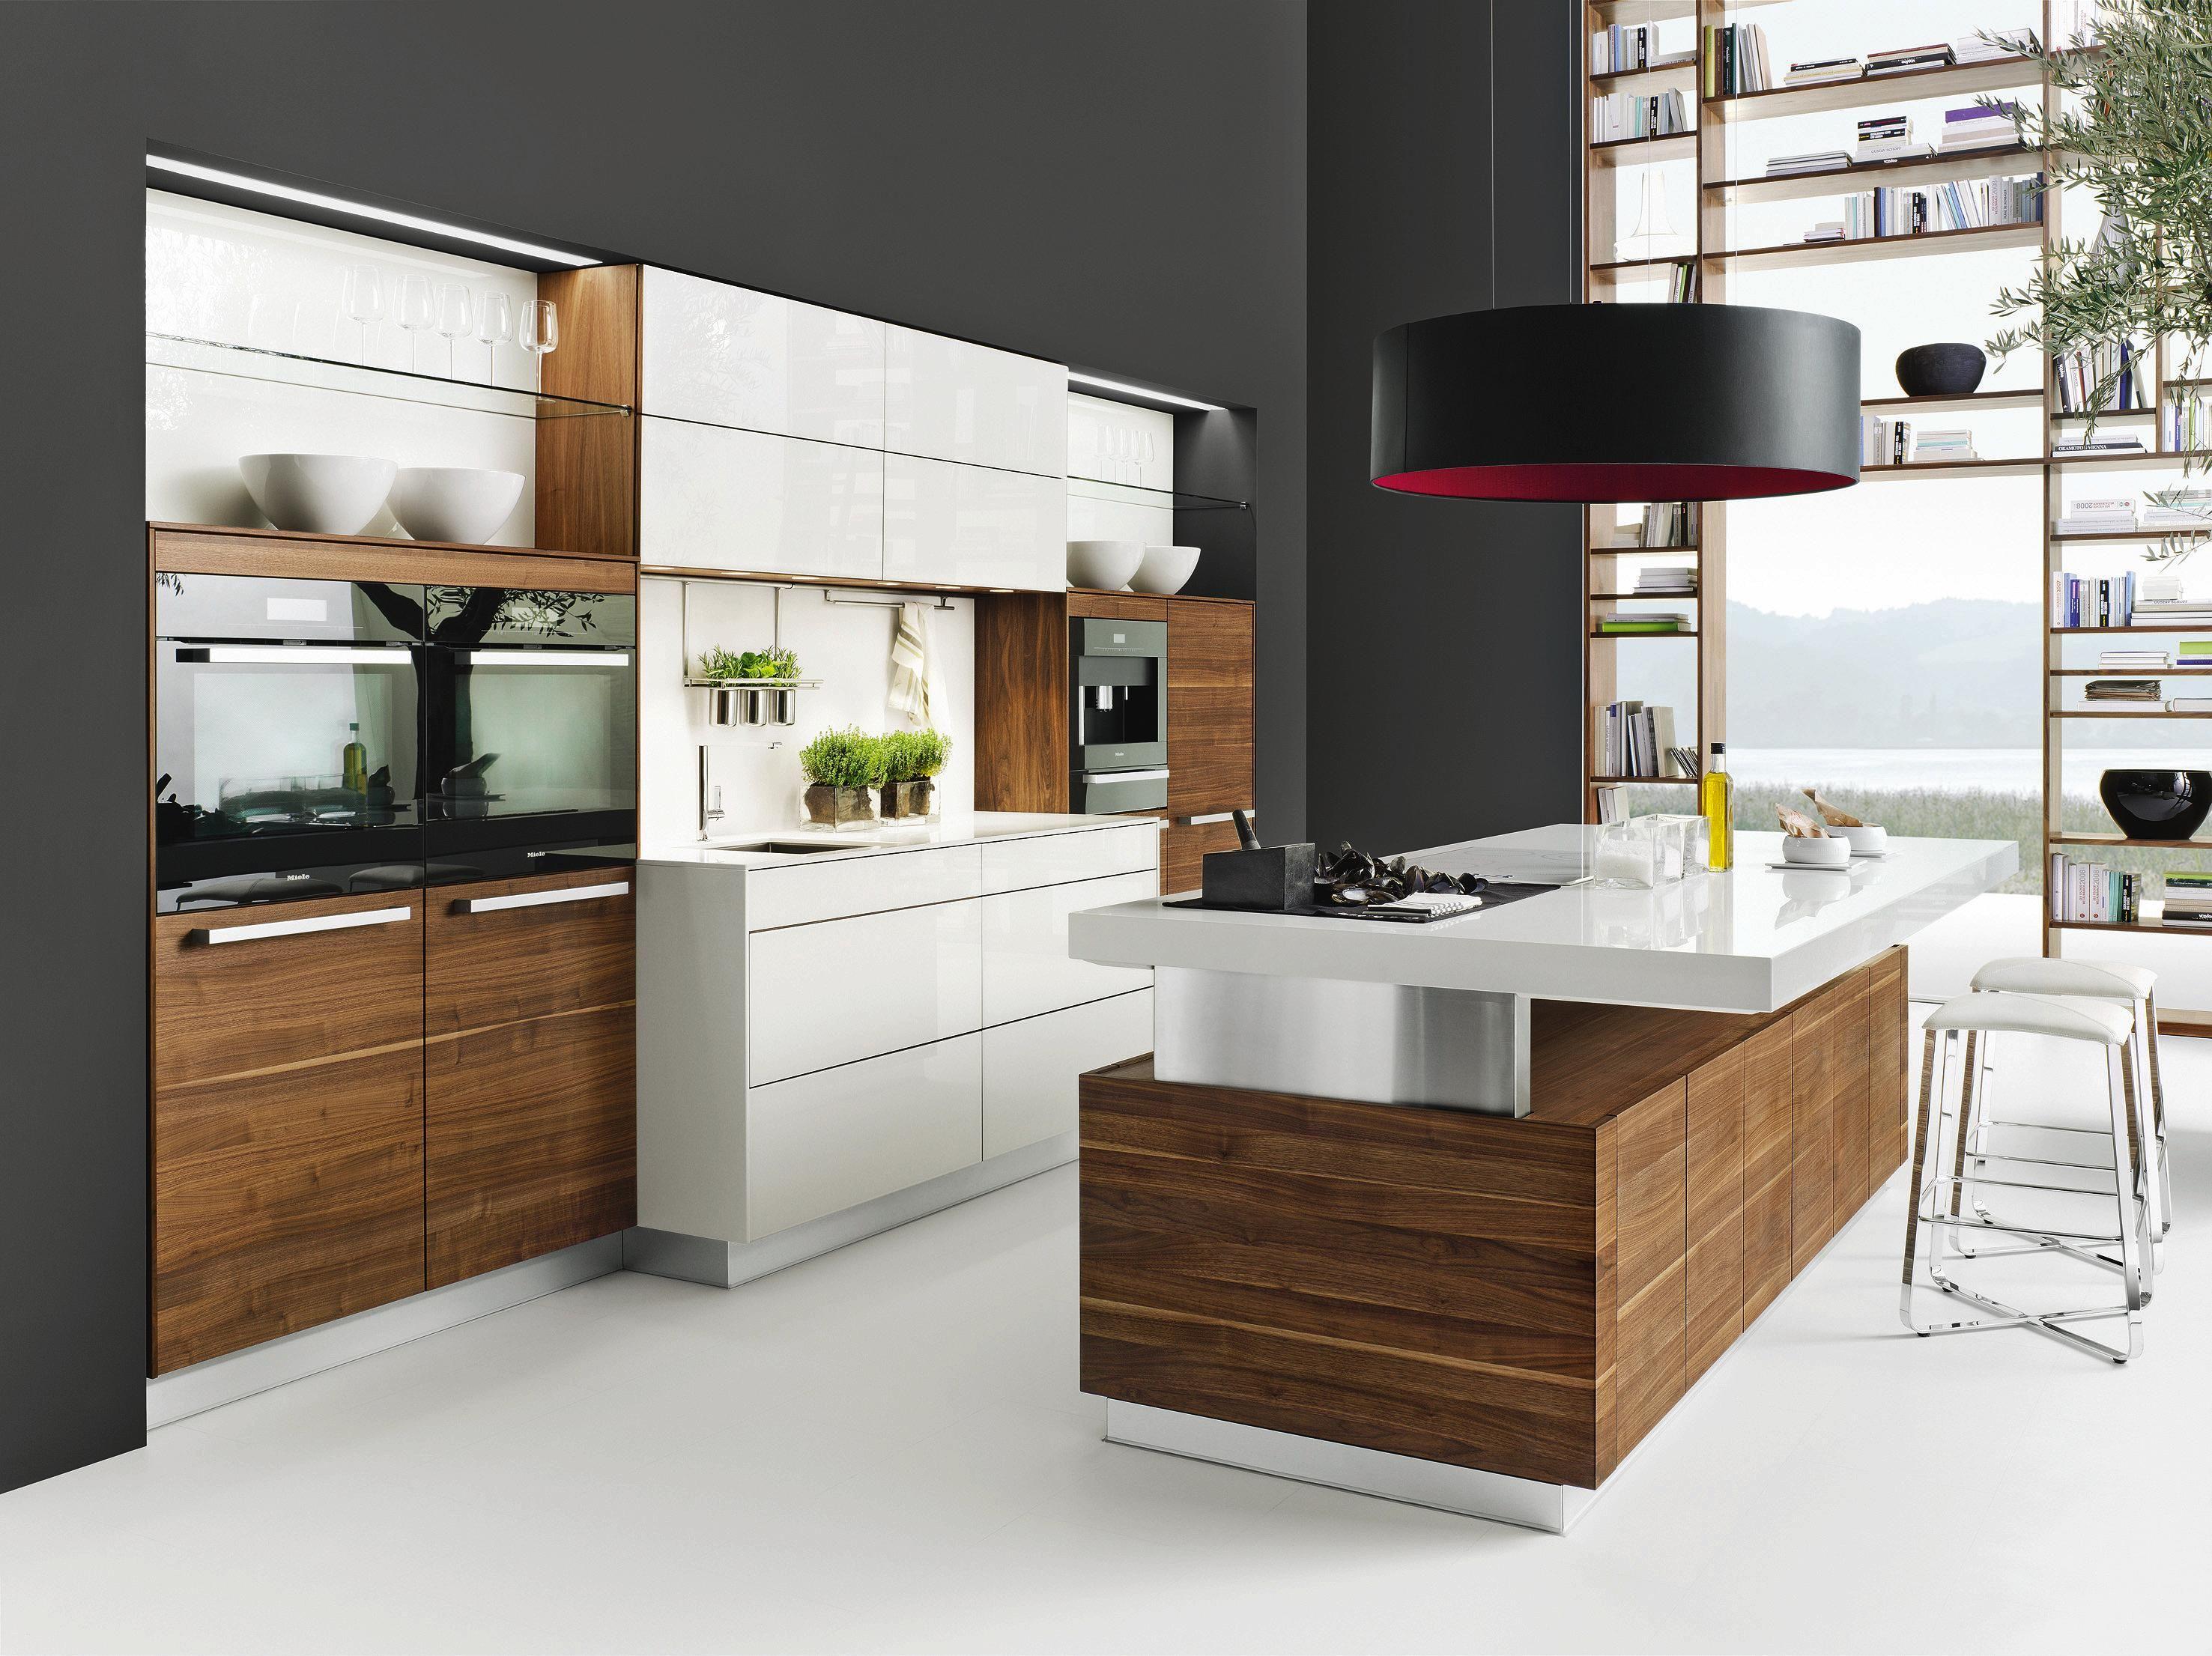 moderne küche aus holz kombiniert funktion und design